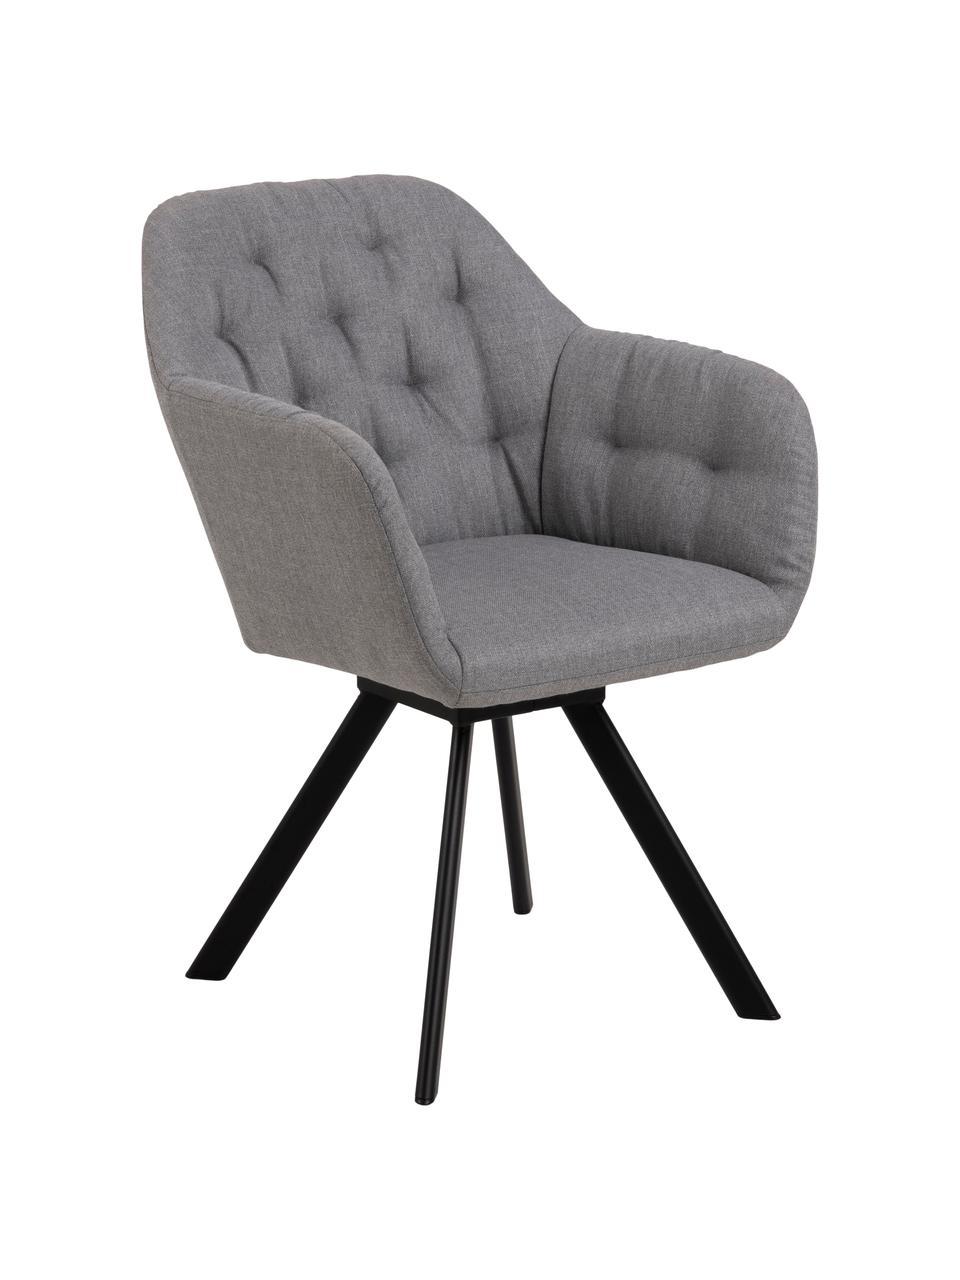 Sedia con braccioli girevole in tessuto grigio chiaro Lucie, Rivestimento: poliestere, Gambe: metallo verniciato, Tessuto grigio chiaro, nero, Larg. 58 x Prof. 62 cm